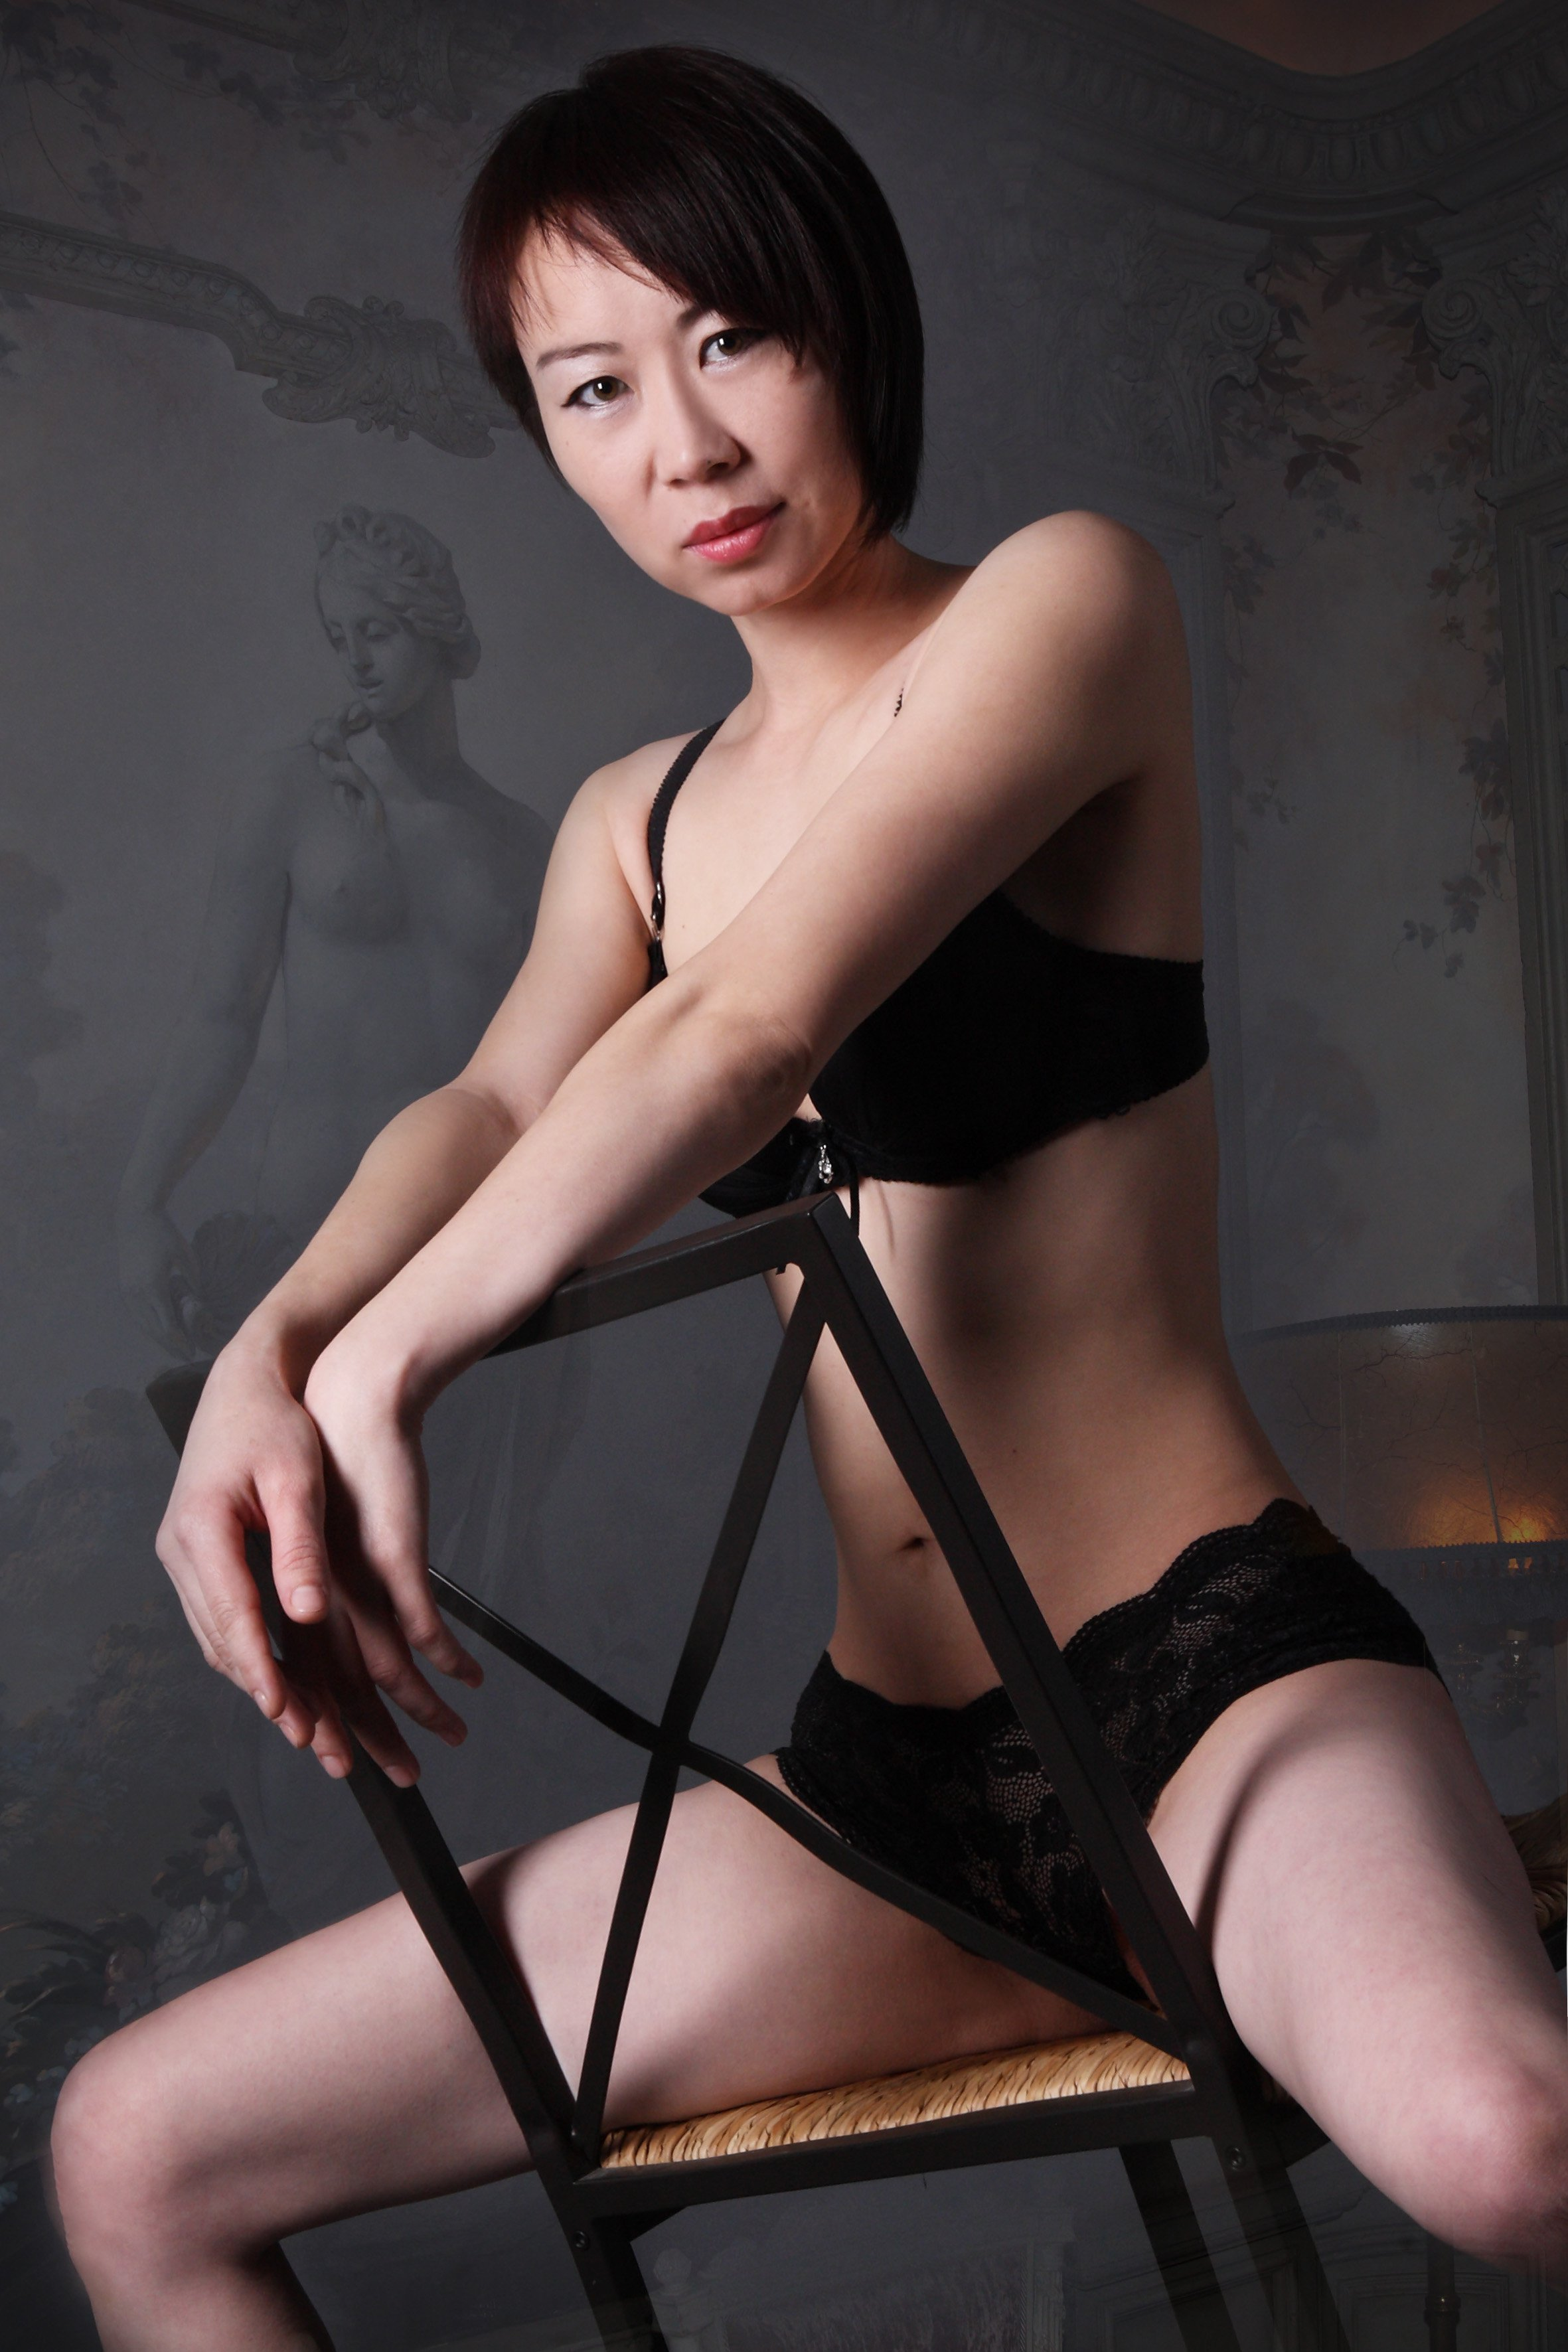 Проститутка Мизуми